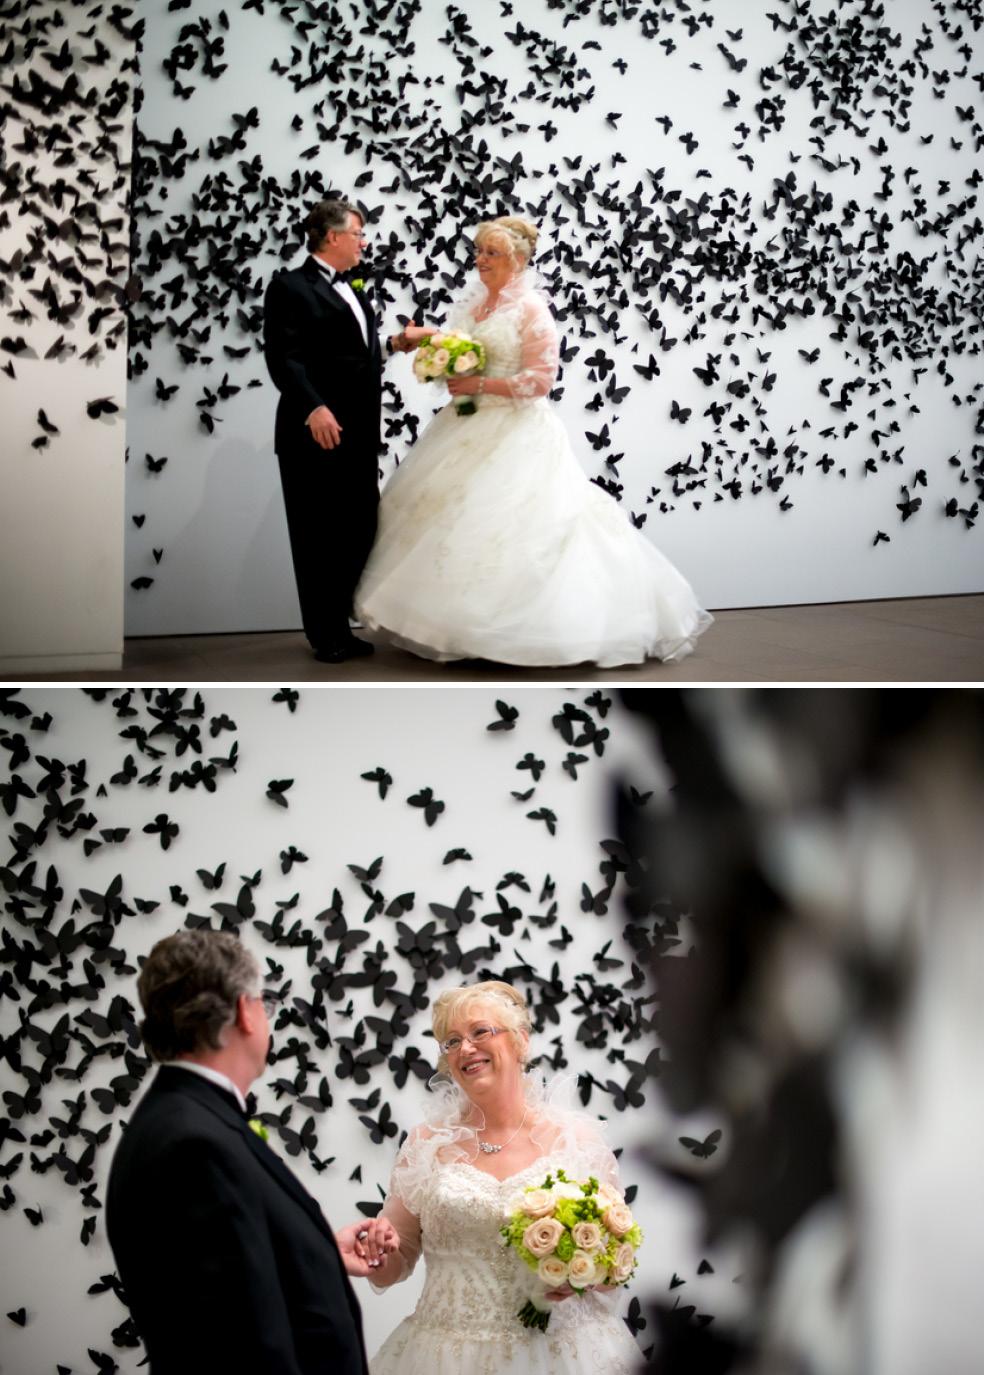 phoenixartmuseumweddingbirdsweddingcouple the